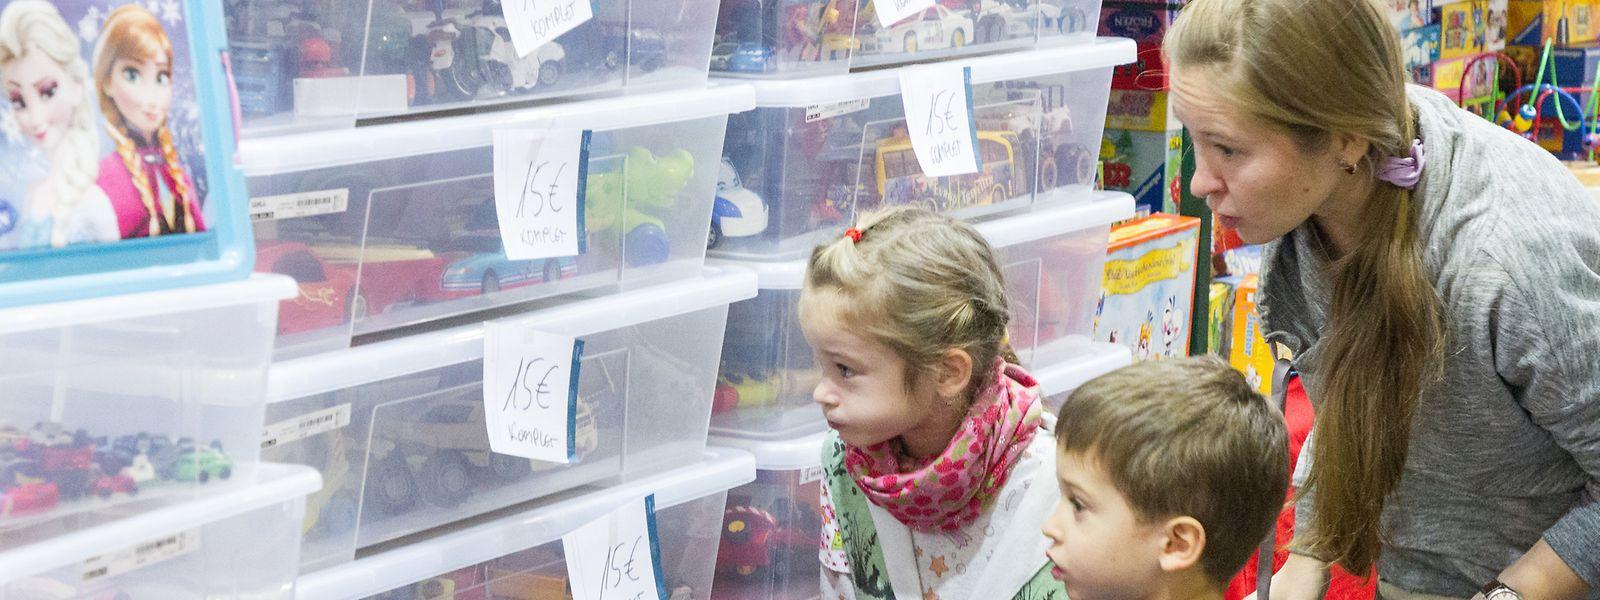 Spielwaren, Kleidung und mehr: Auch für die kleinen Besucher wurde allerhand geboten.